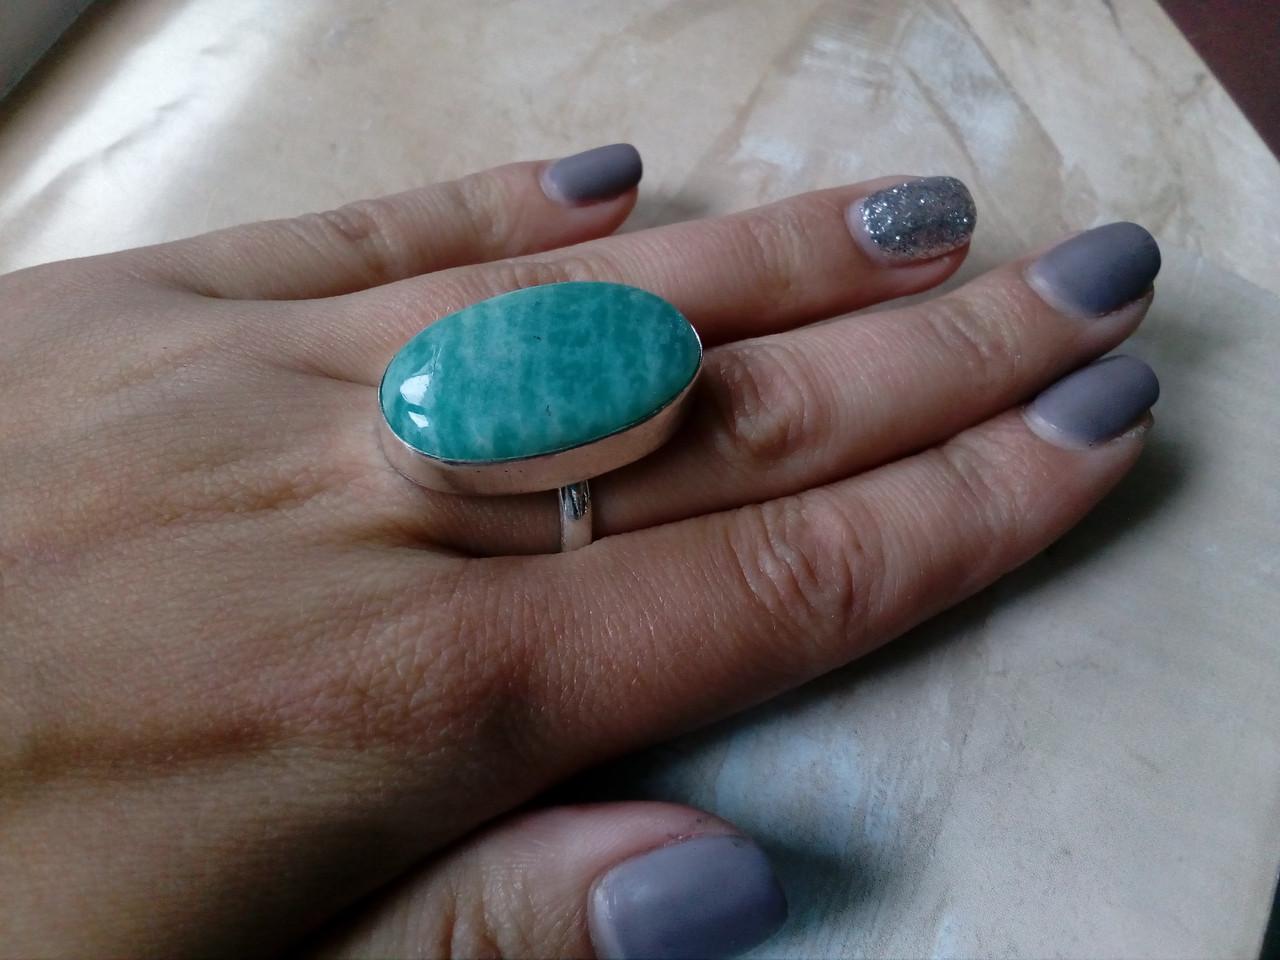 Амазонит овальное кольцо с амазонитом в серебре. Природный амазонит 18,75-19 размер Индия